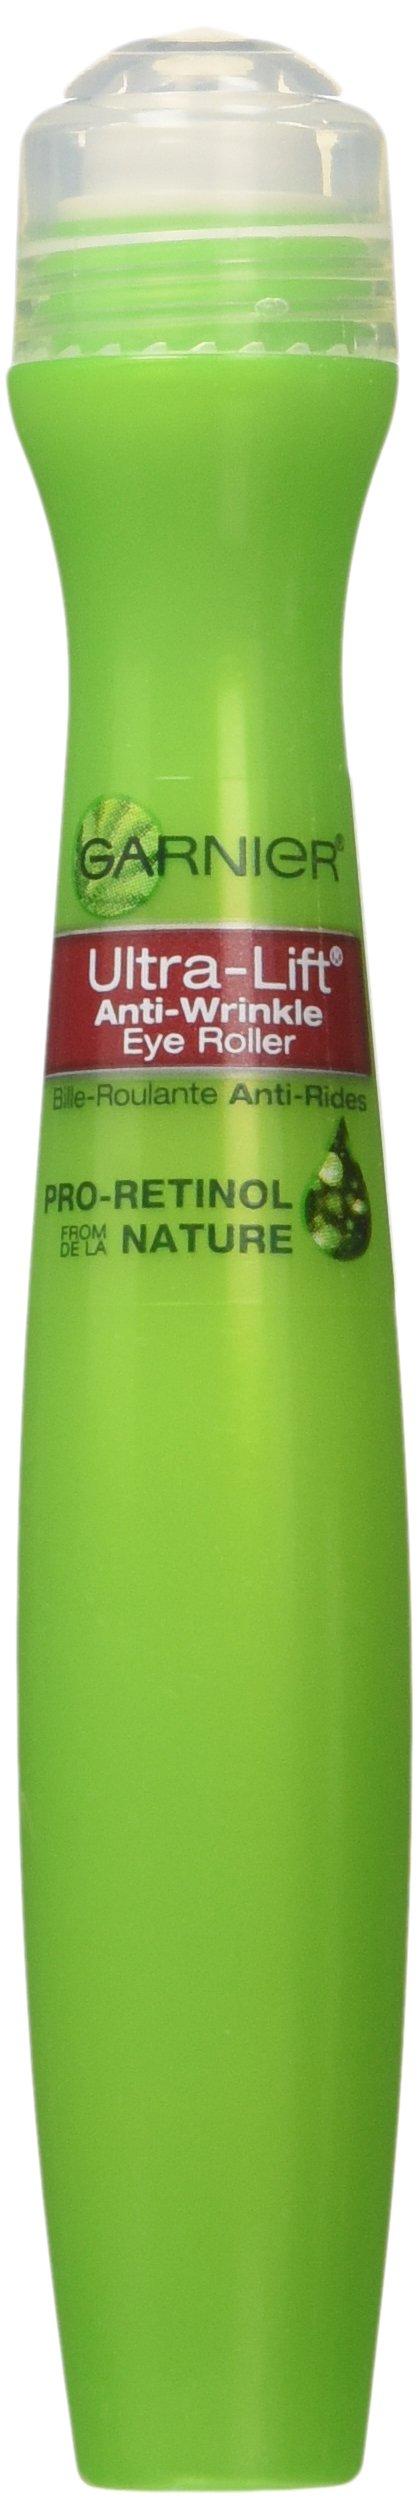 Garnier Ultra-Lift Anti-Wrinkle Eye Roller, 0.5 OZ (Pack of 3)